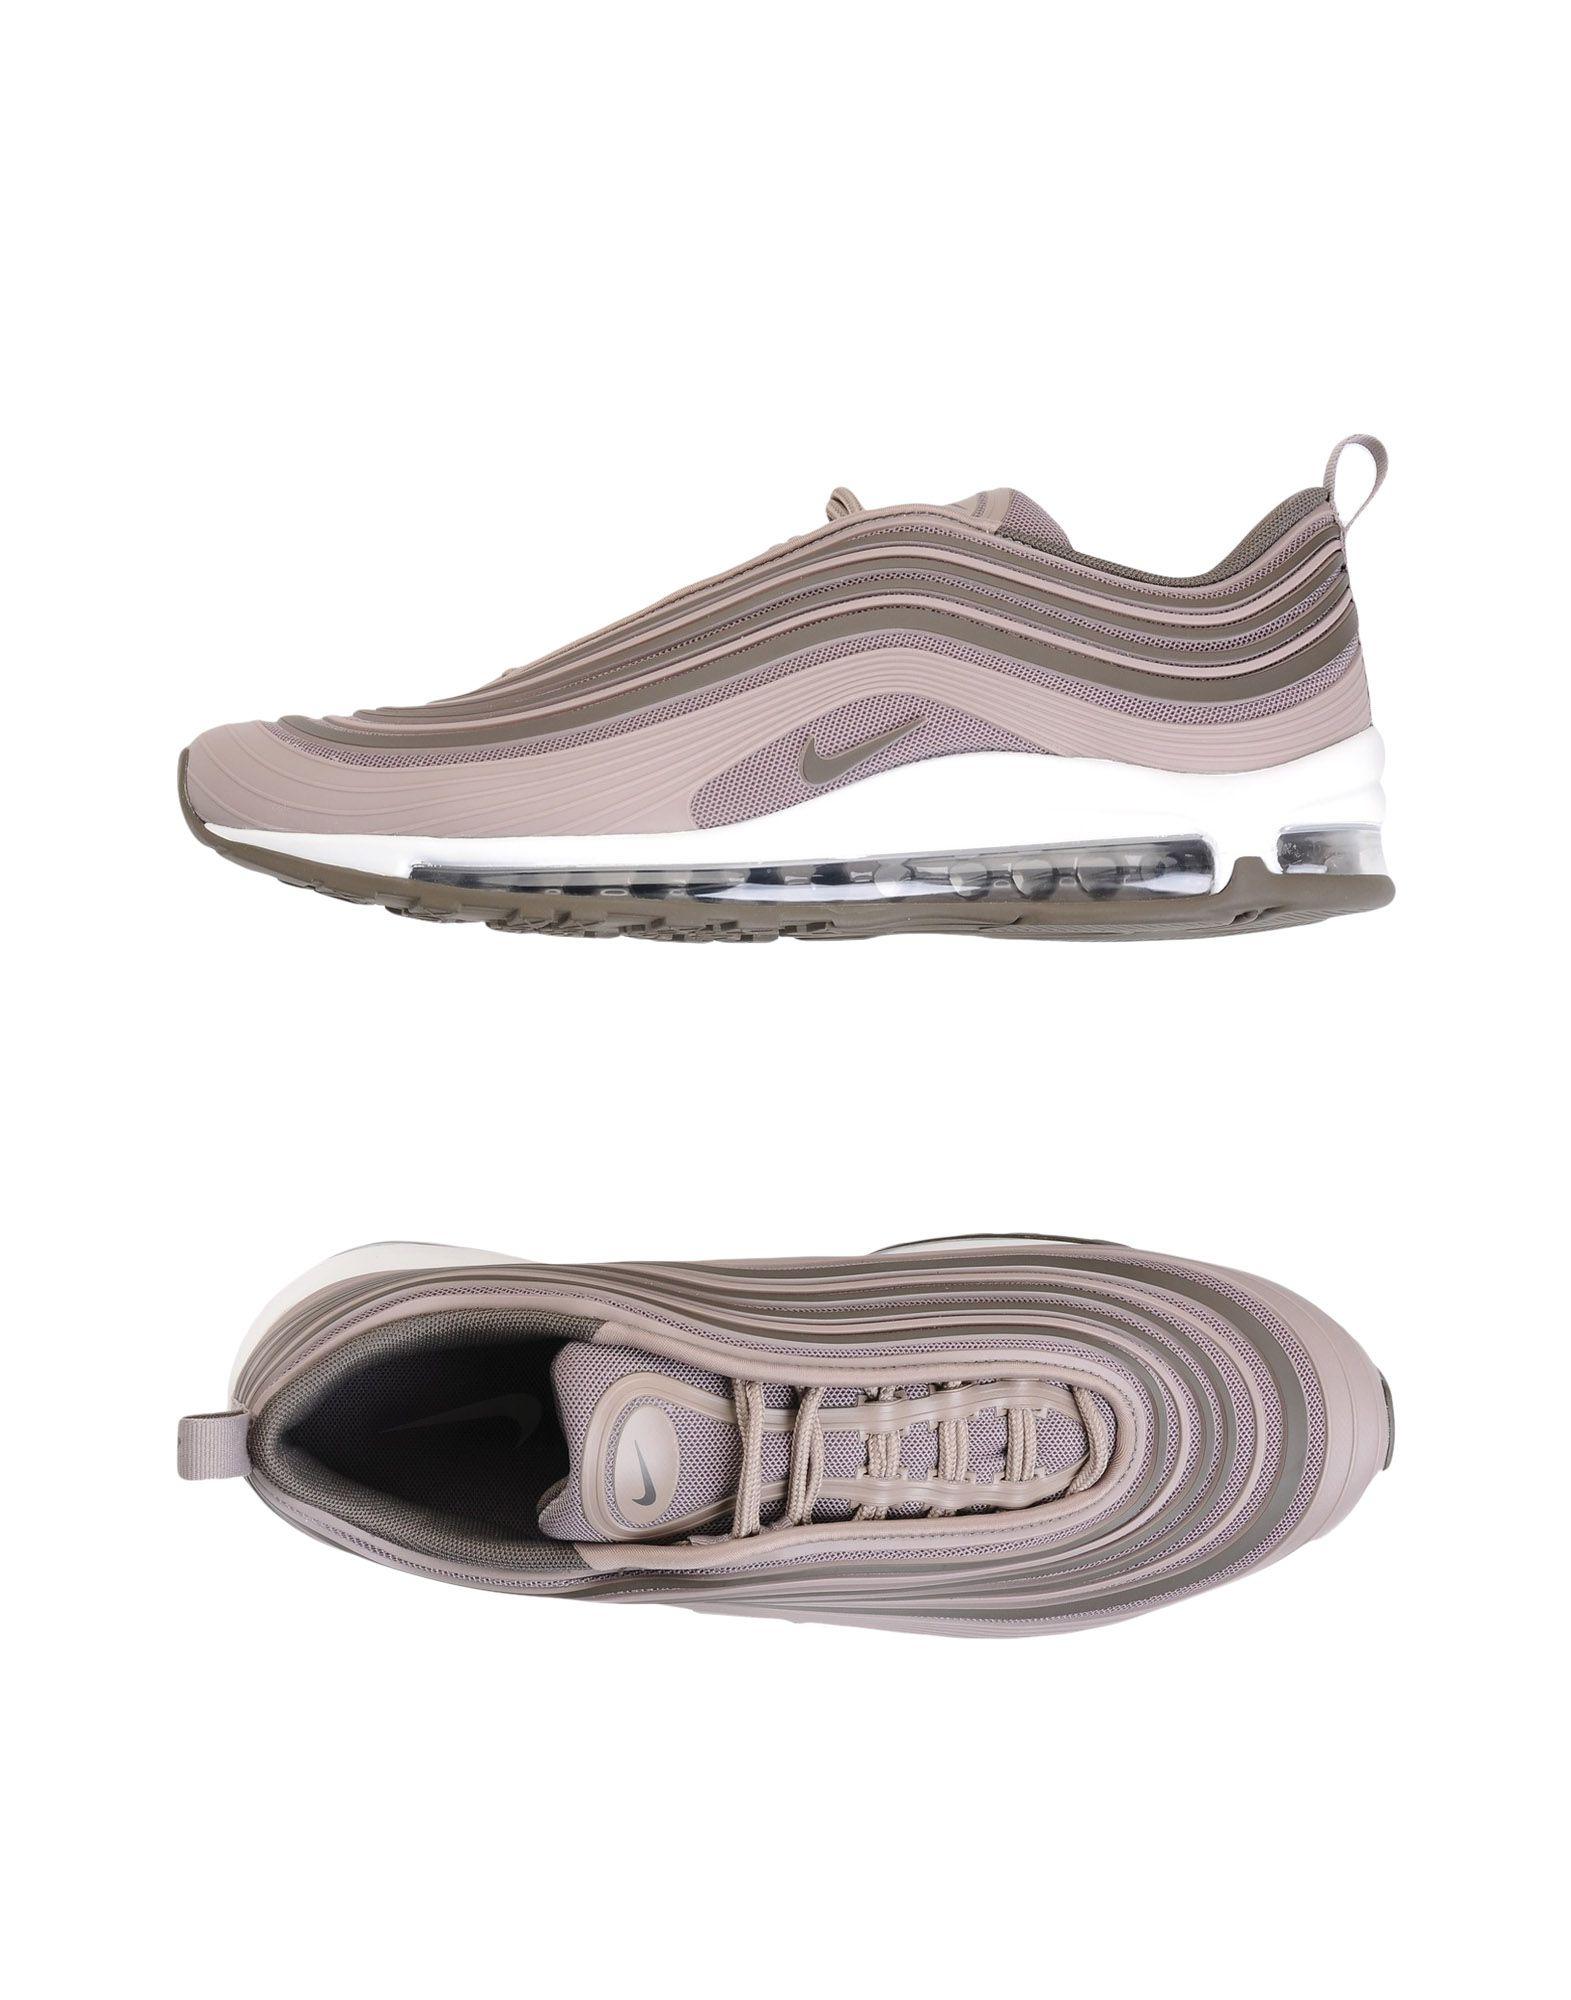 Sneakers Nike Air Max 97 Ul'17 Premium - Uomo - 11462003CE